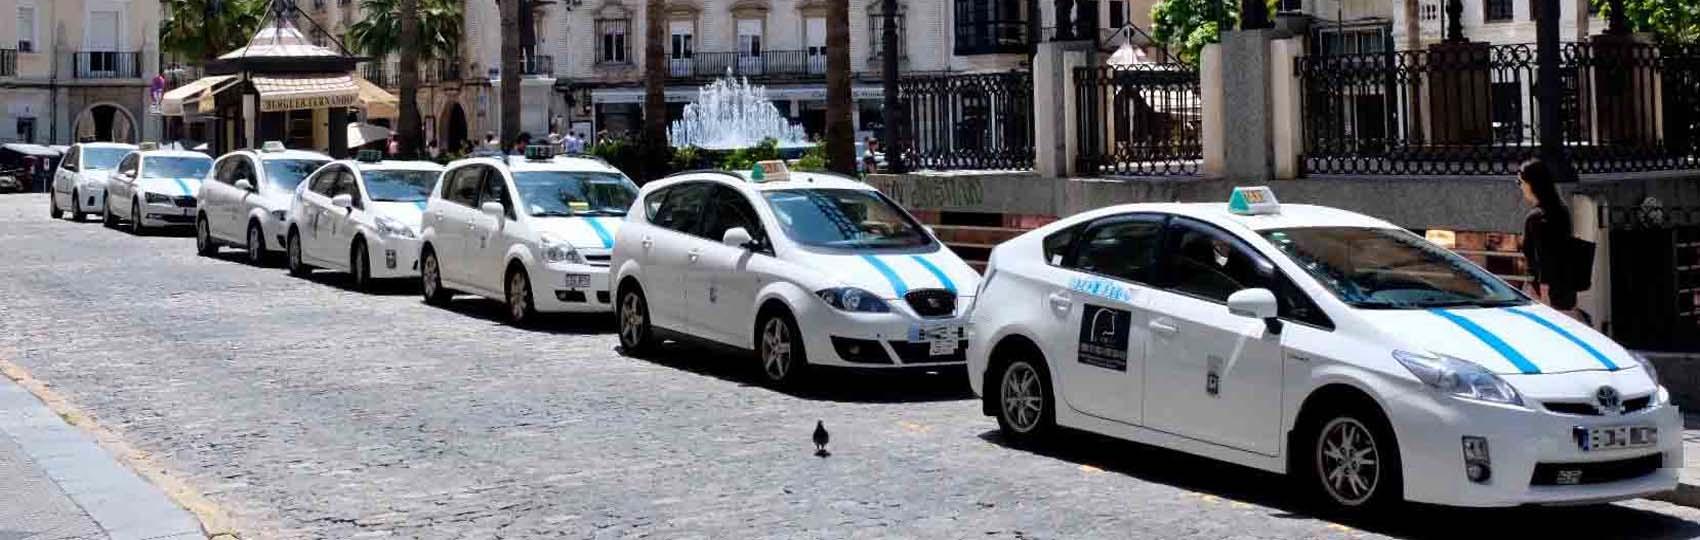 Noticias del sector del taxi y la movilidad en Huelva. Mantente informado de todas las noticias del taxi de Huelva en el grupo de Facebook de Todo Taxi.